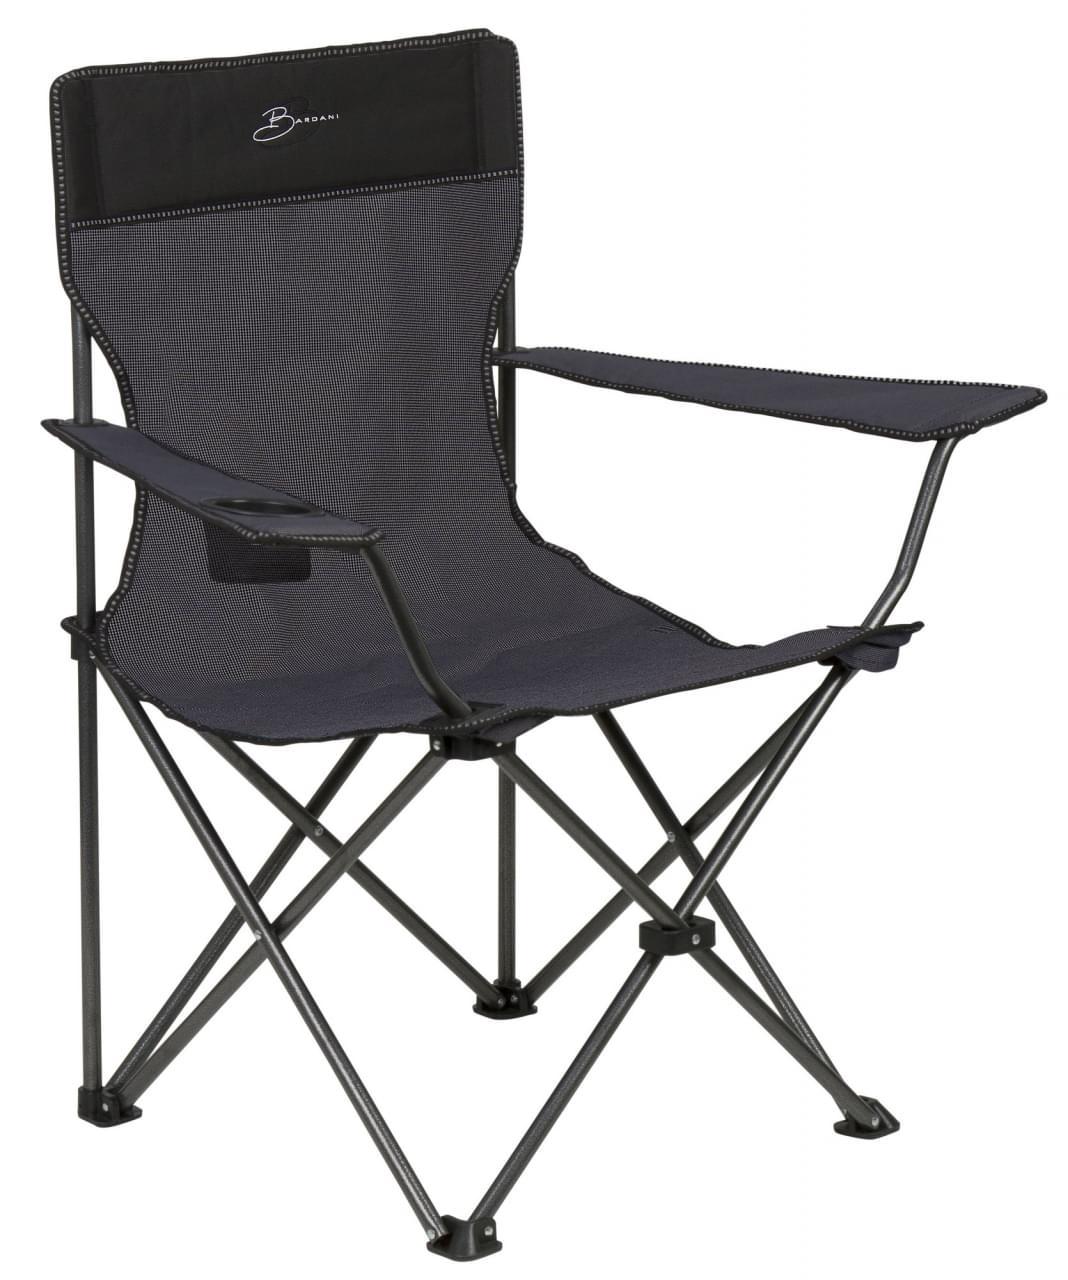 Bardani Captain's Chair Campingstoel Grijs